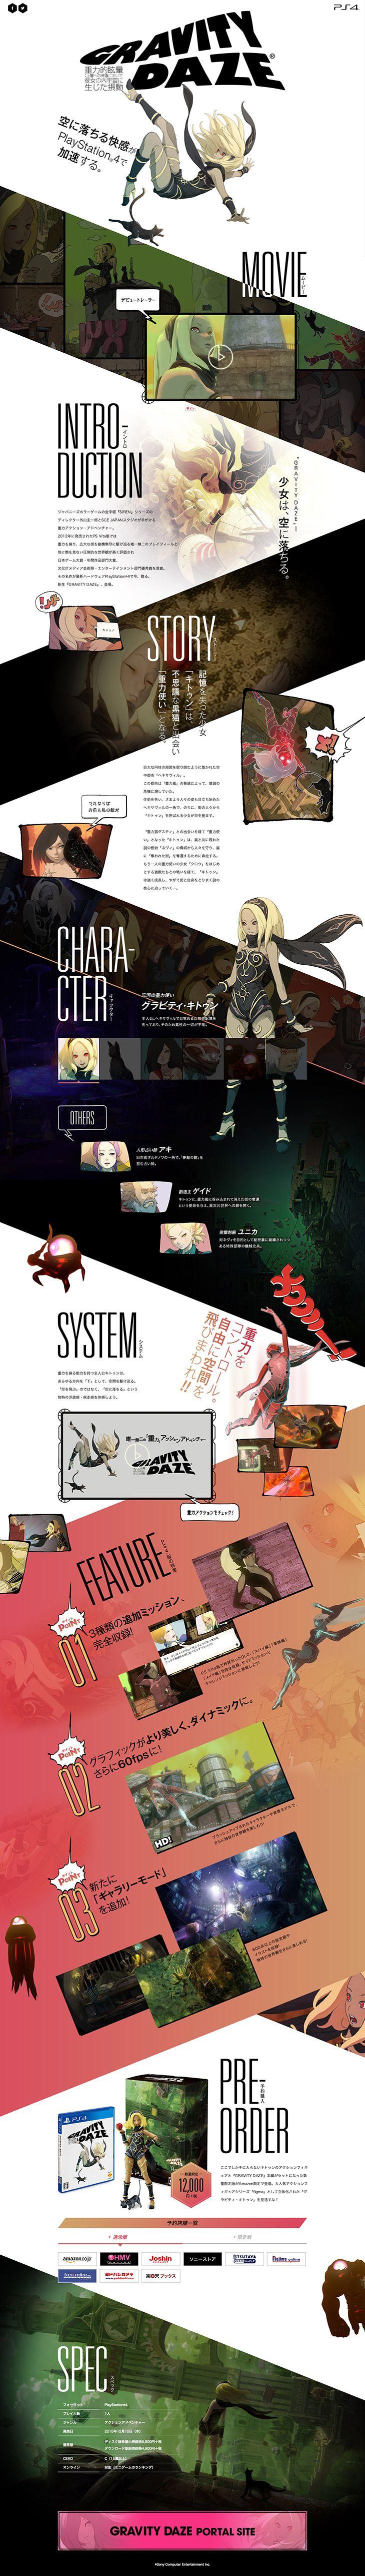 GRAVITY DAZE【本・音楽・ゲーム関連】のLPデザイン。WEBデザイナーさん必見!ランディングページのデザイン参考に(かっこいい系)